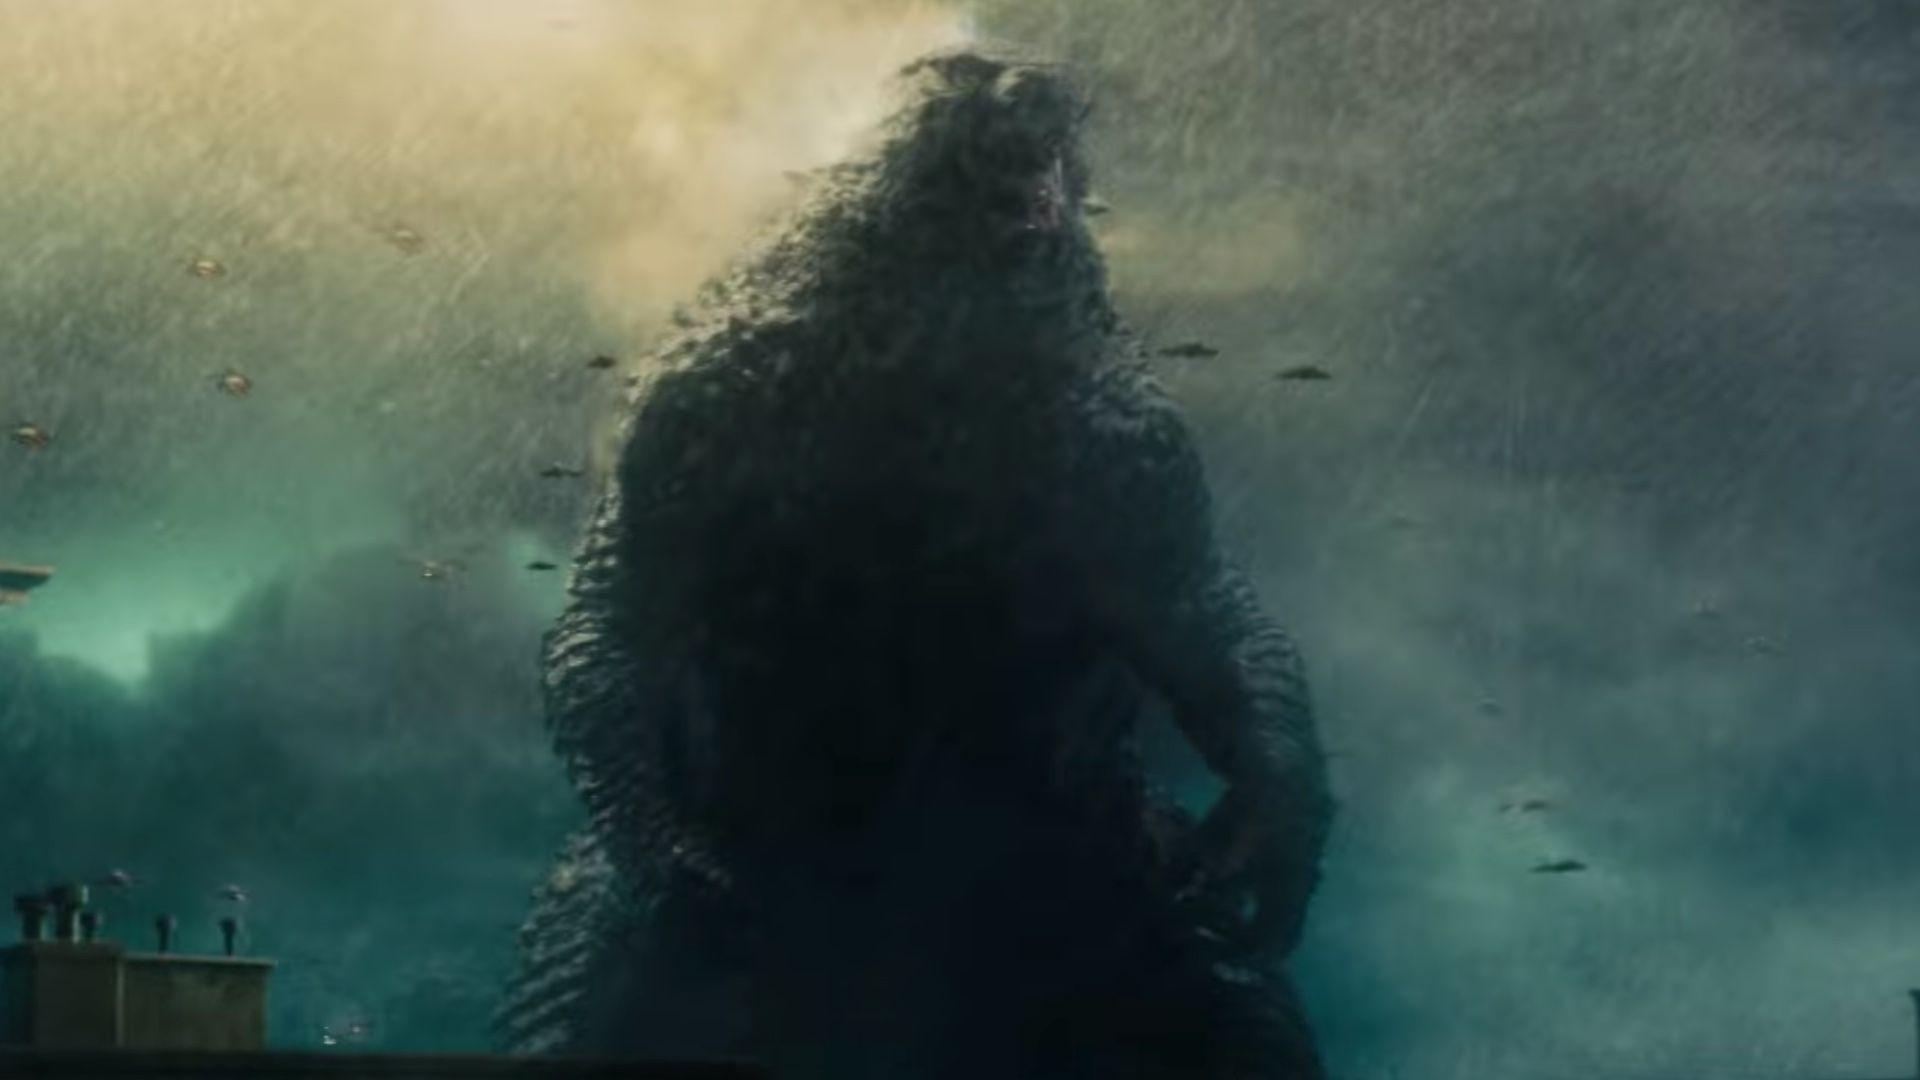 Godzilla 2019 Wallpapers Top Free Godzilla 2019 Backgrounds